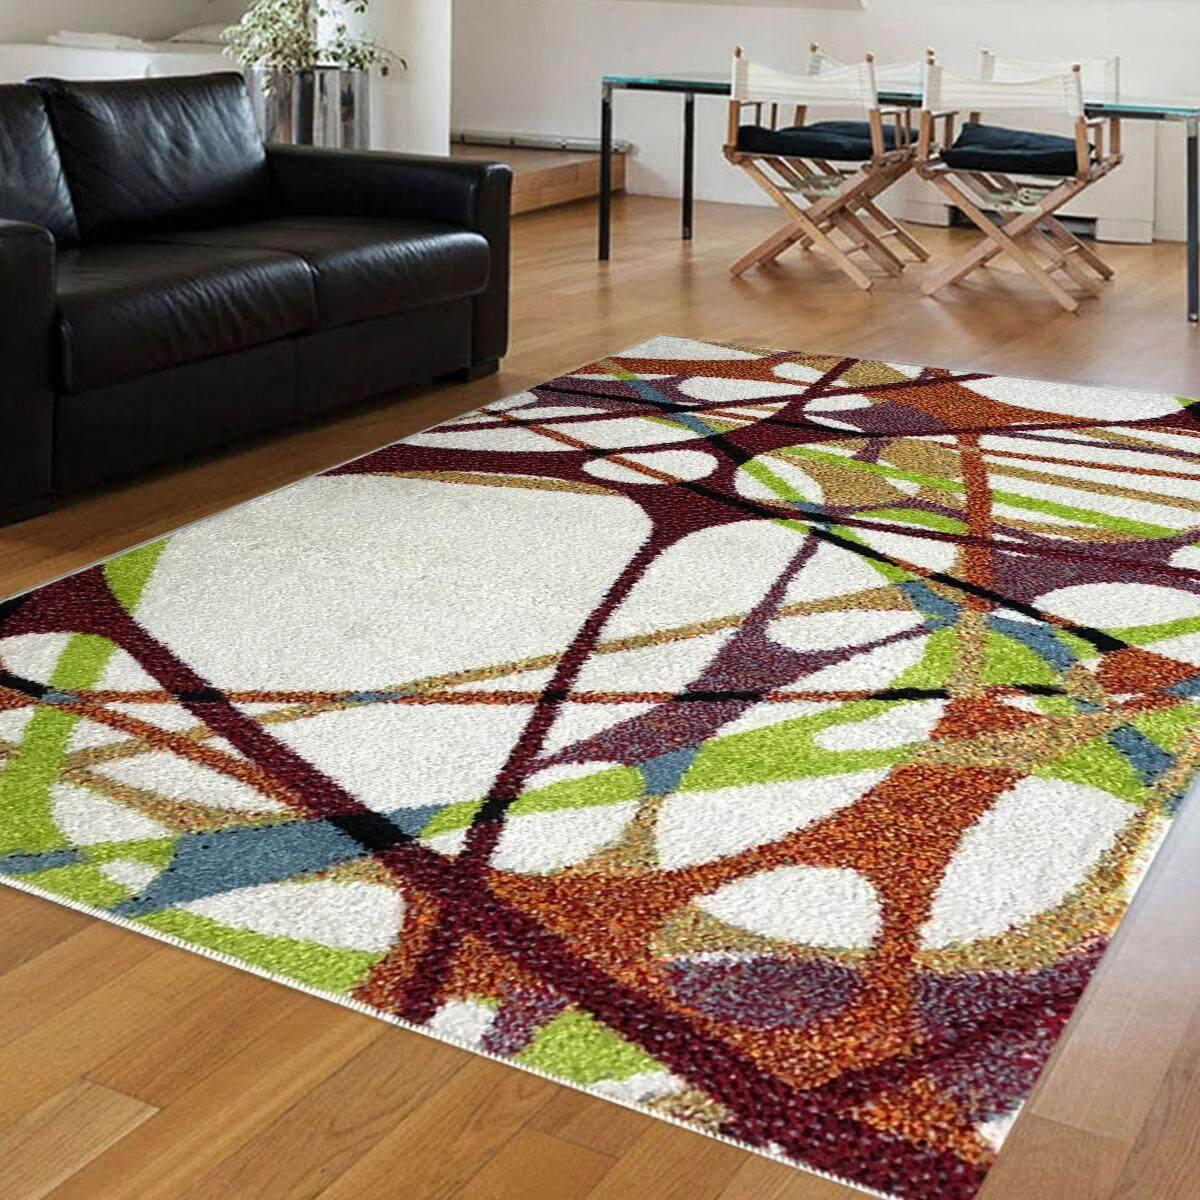 Modern Carpet Da Vinci - Code 1202